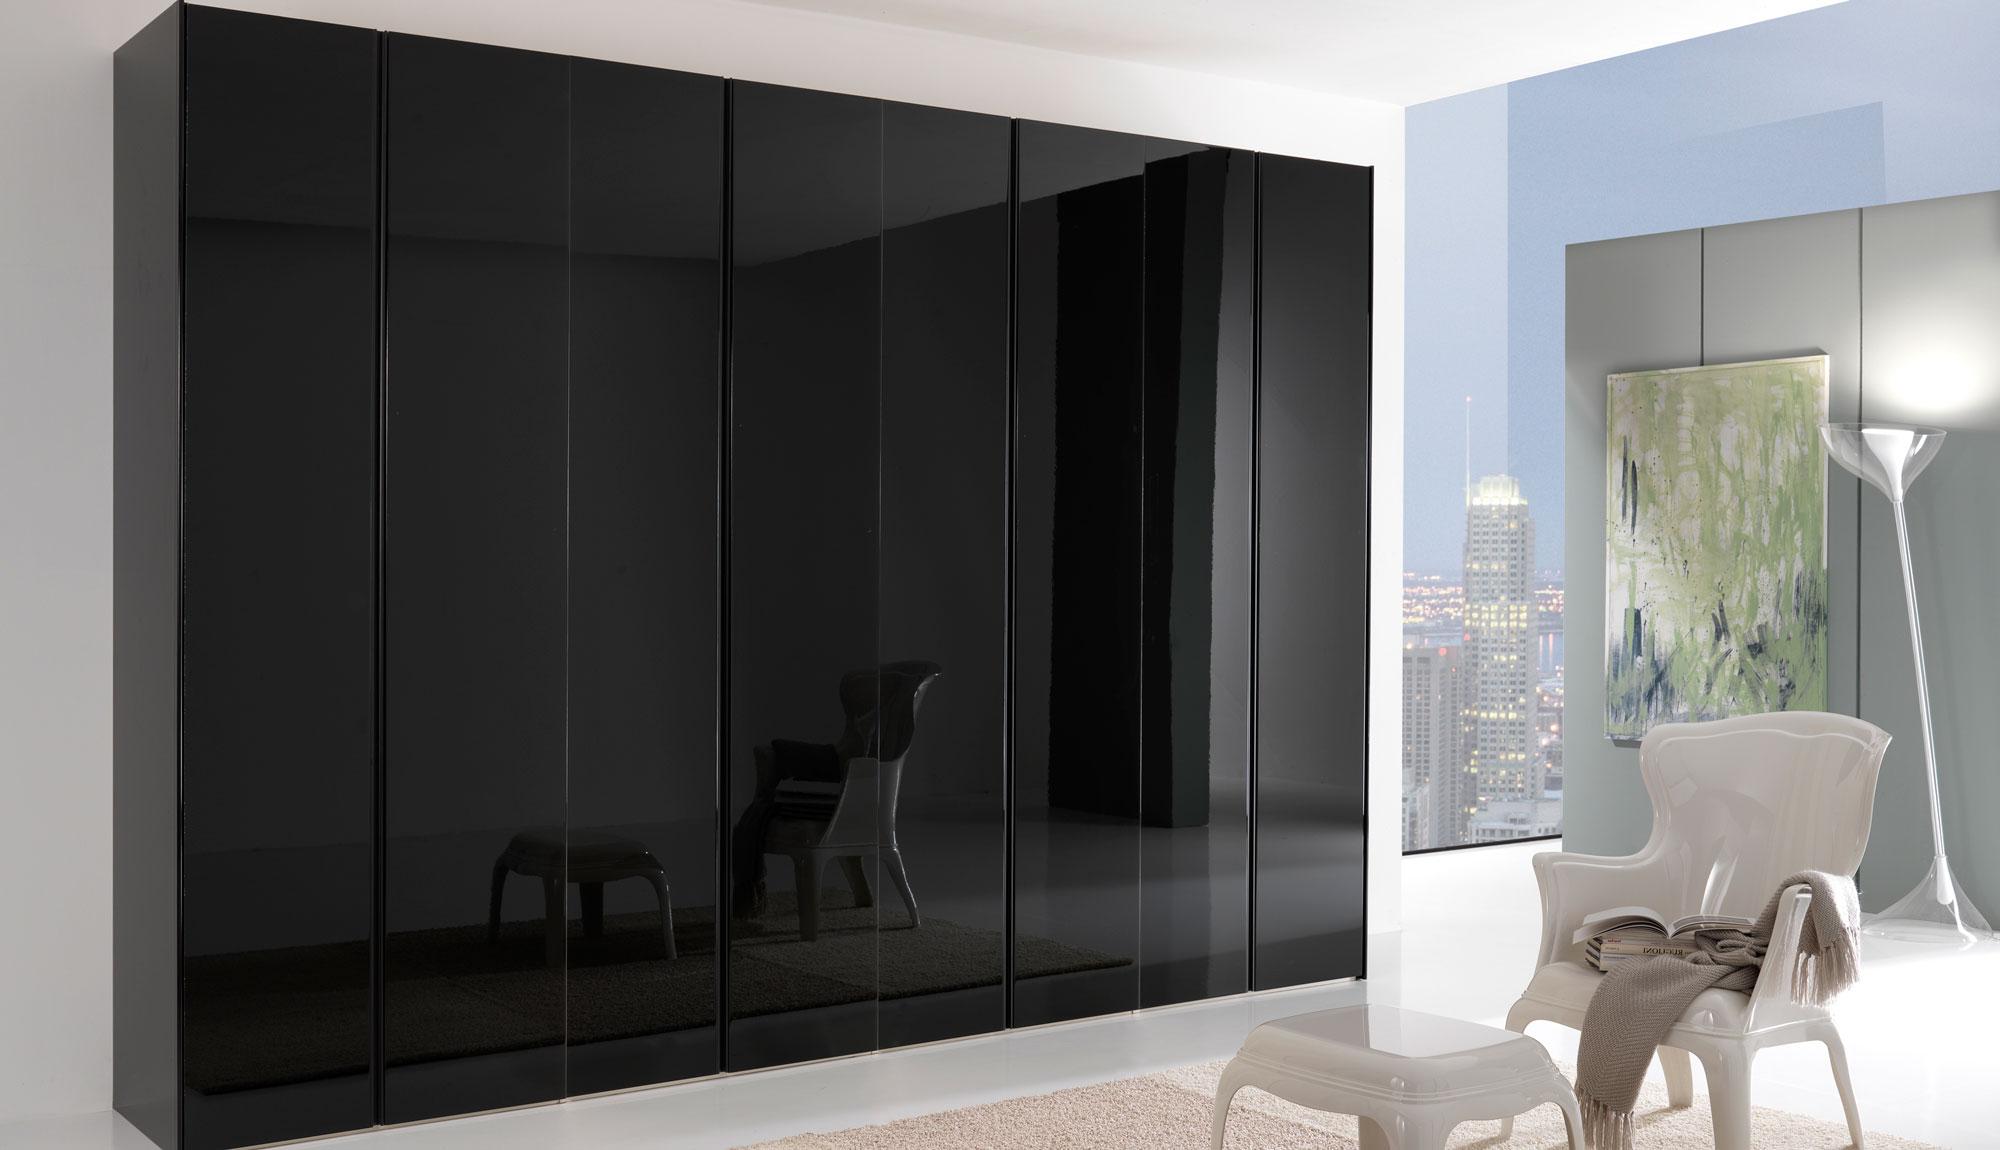 Armadio nero lucido tutto mobili arredamento camere for Mobili neri